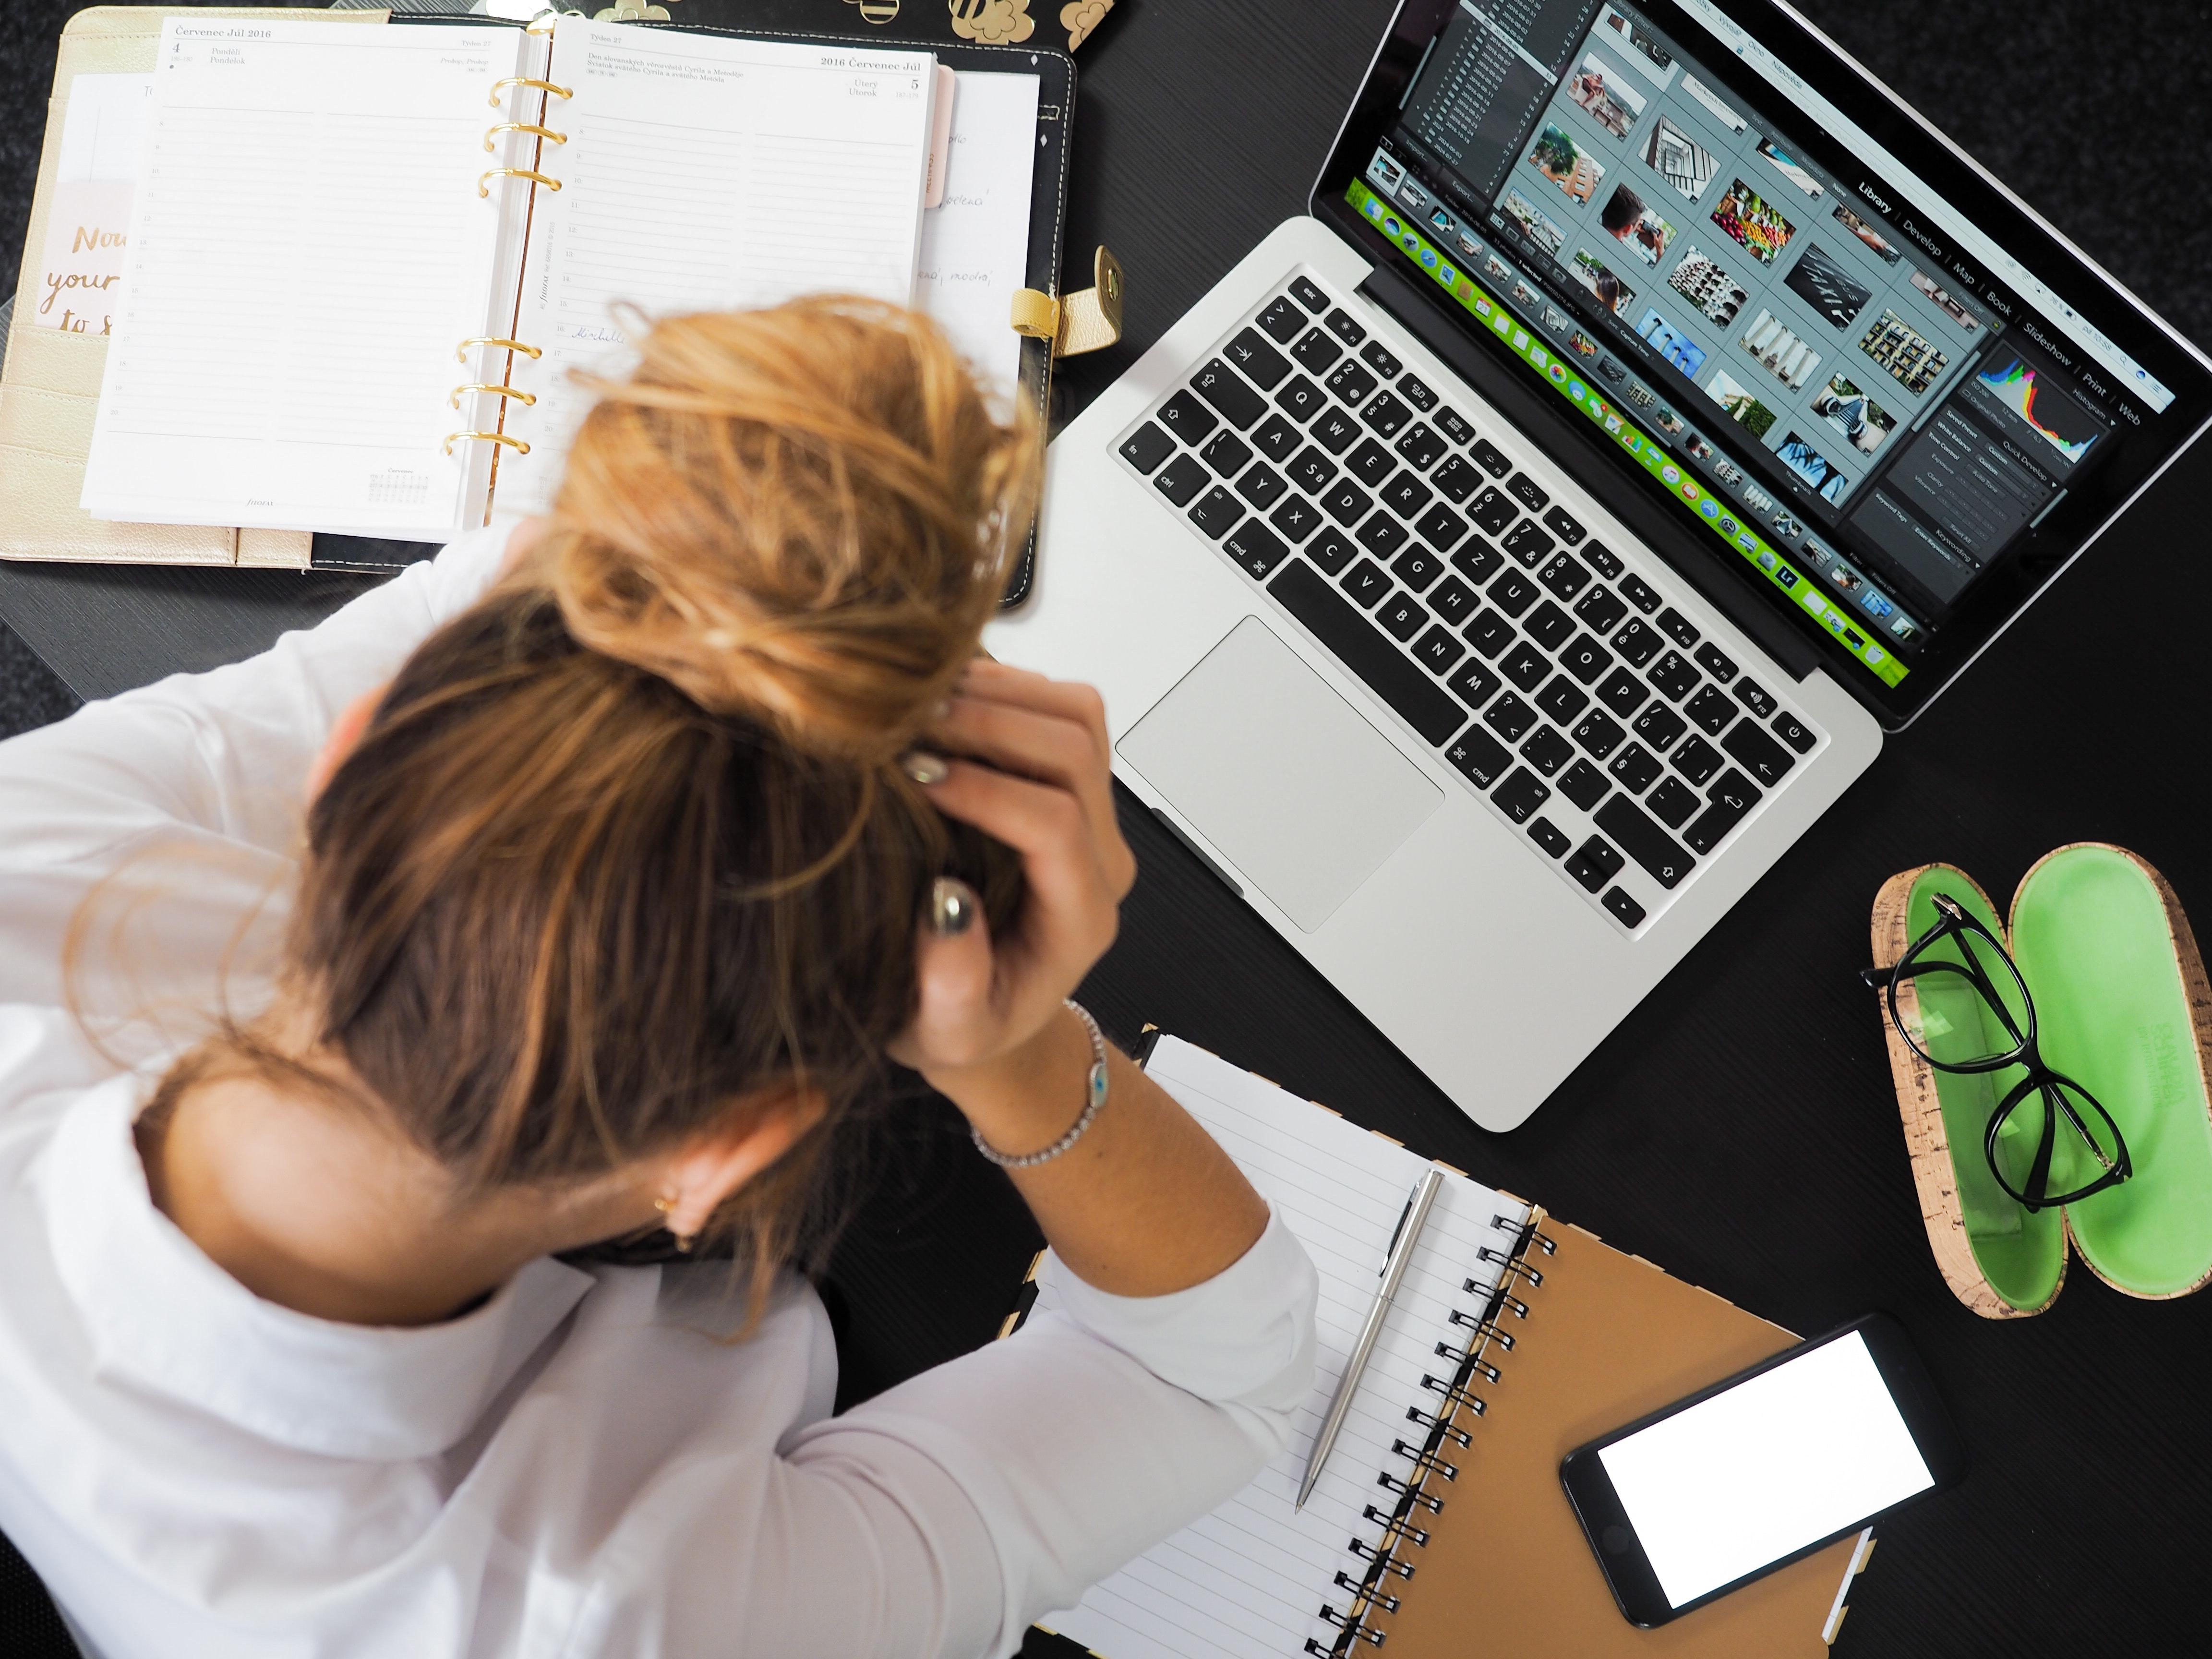 Estudiar y trabajar sin enloquecer en el intento